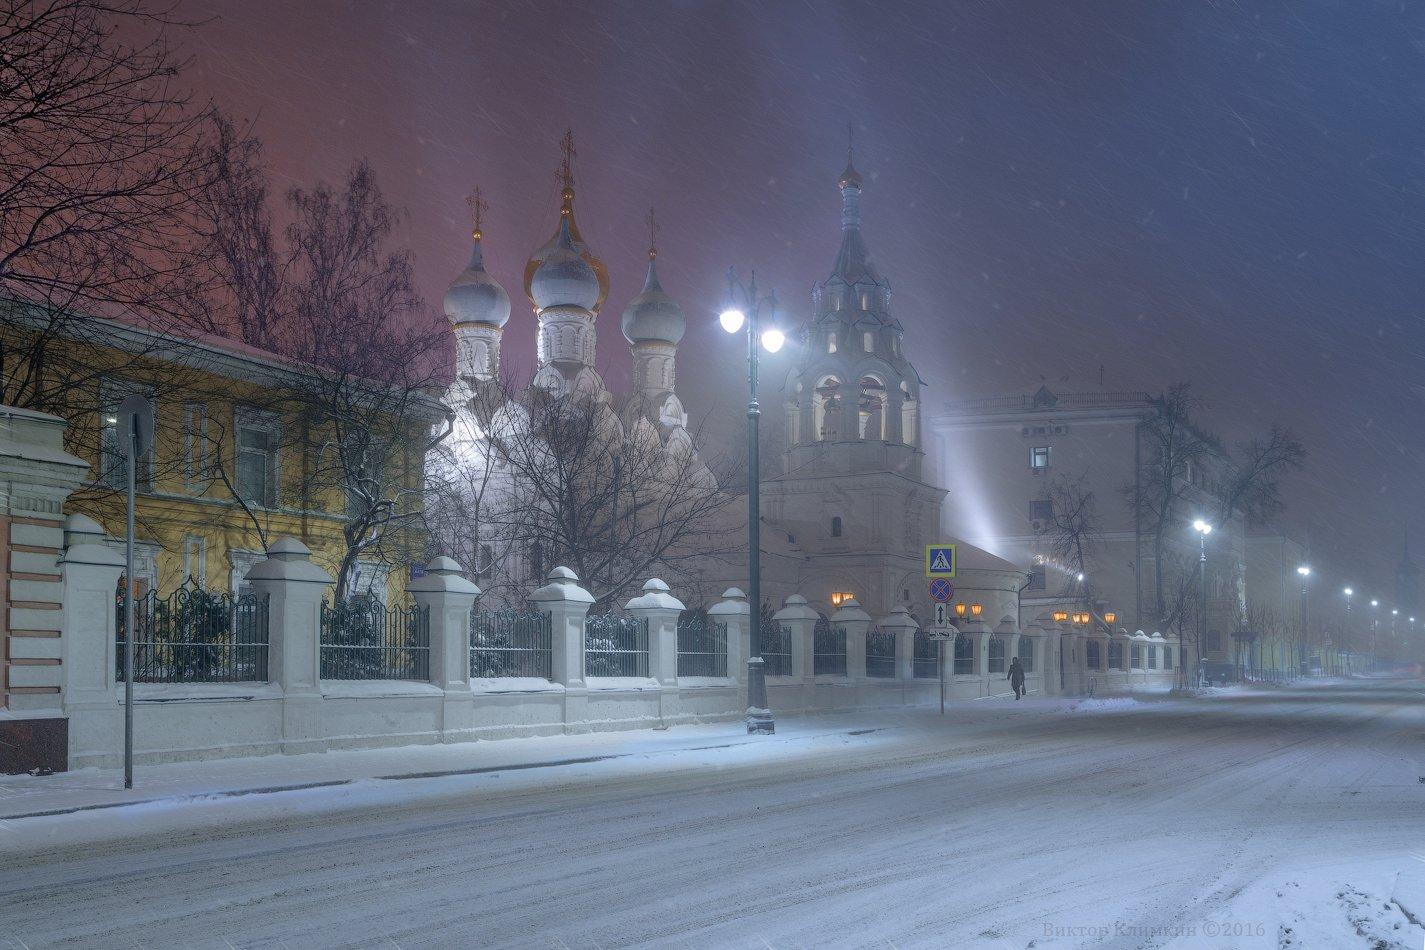 Вечер, Зима, Метель, Москва, Подсветка, Снег, Виктор Климкин